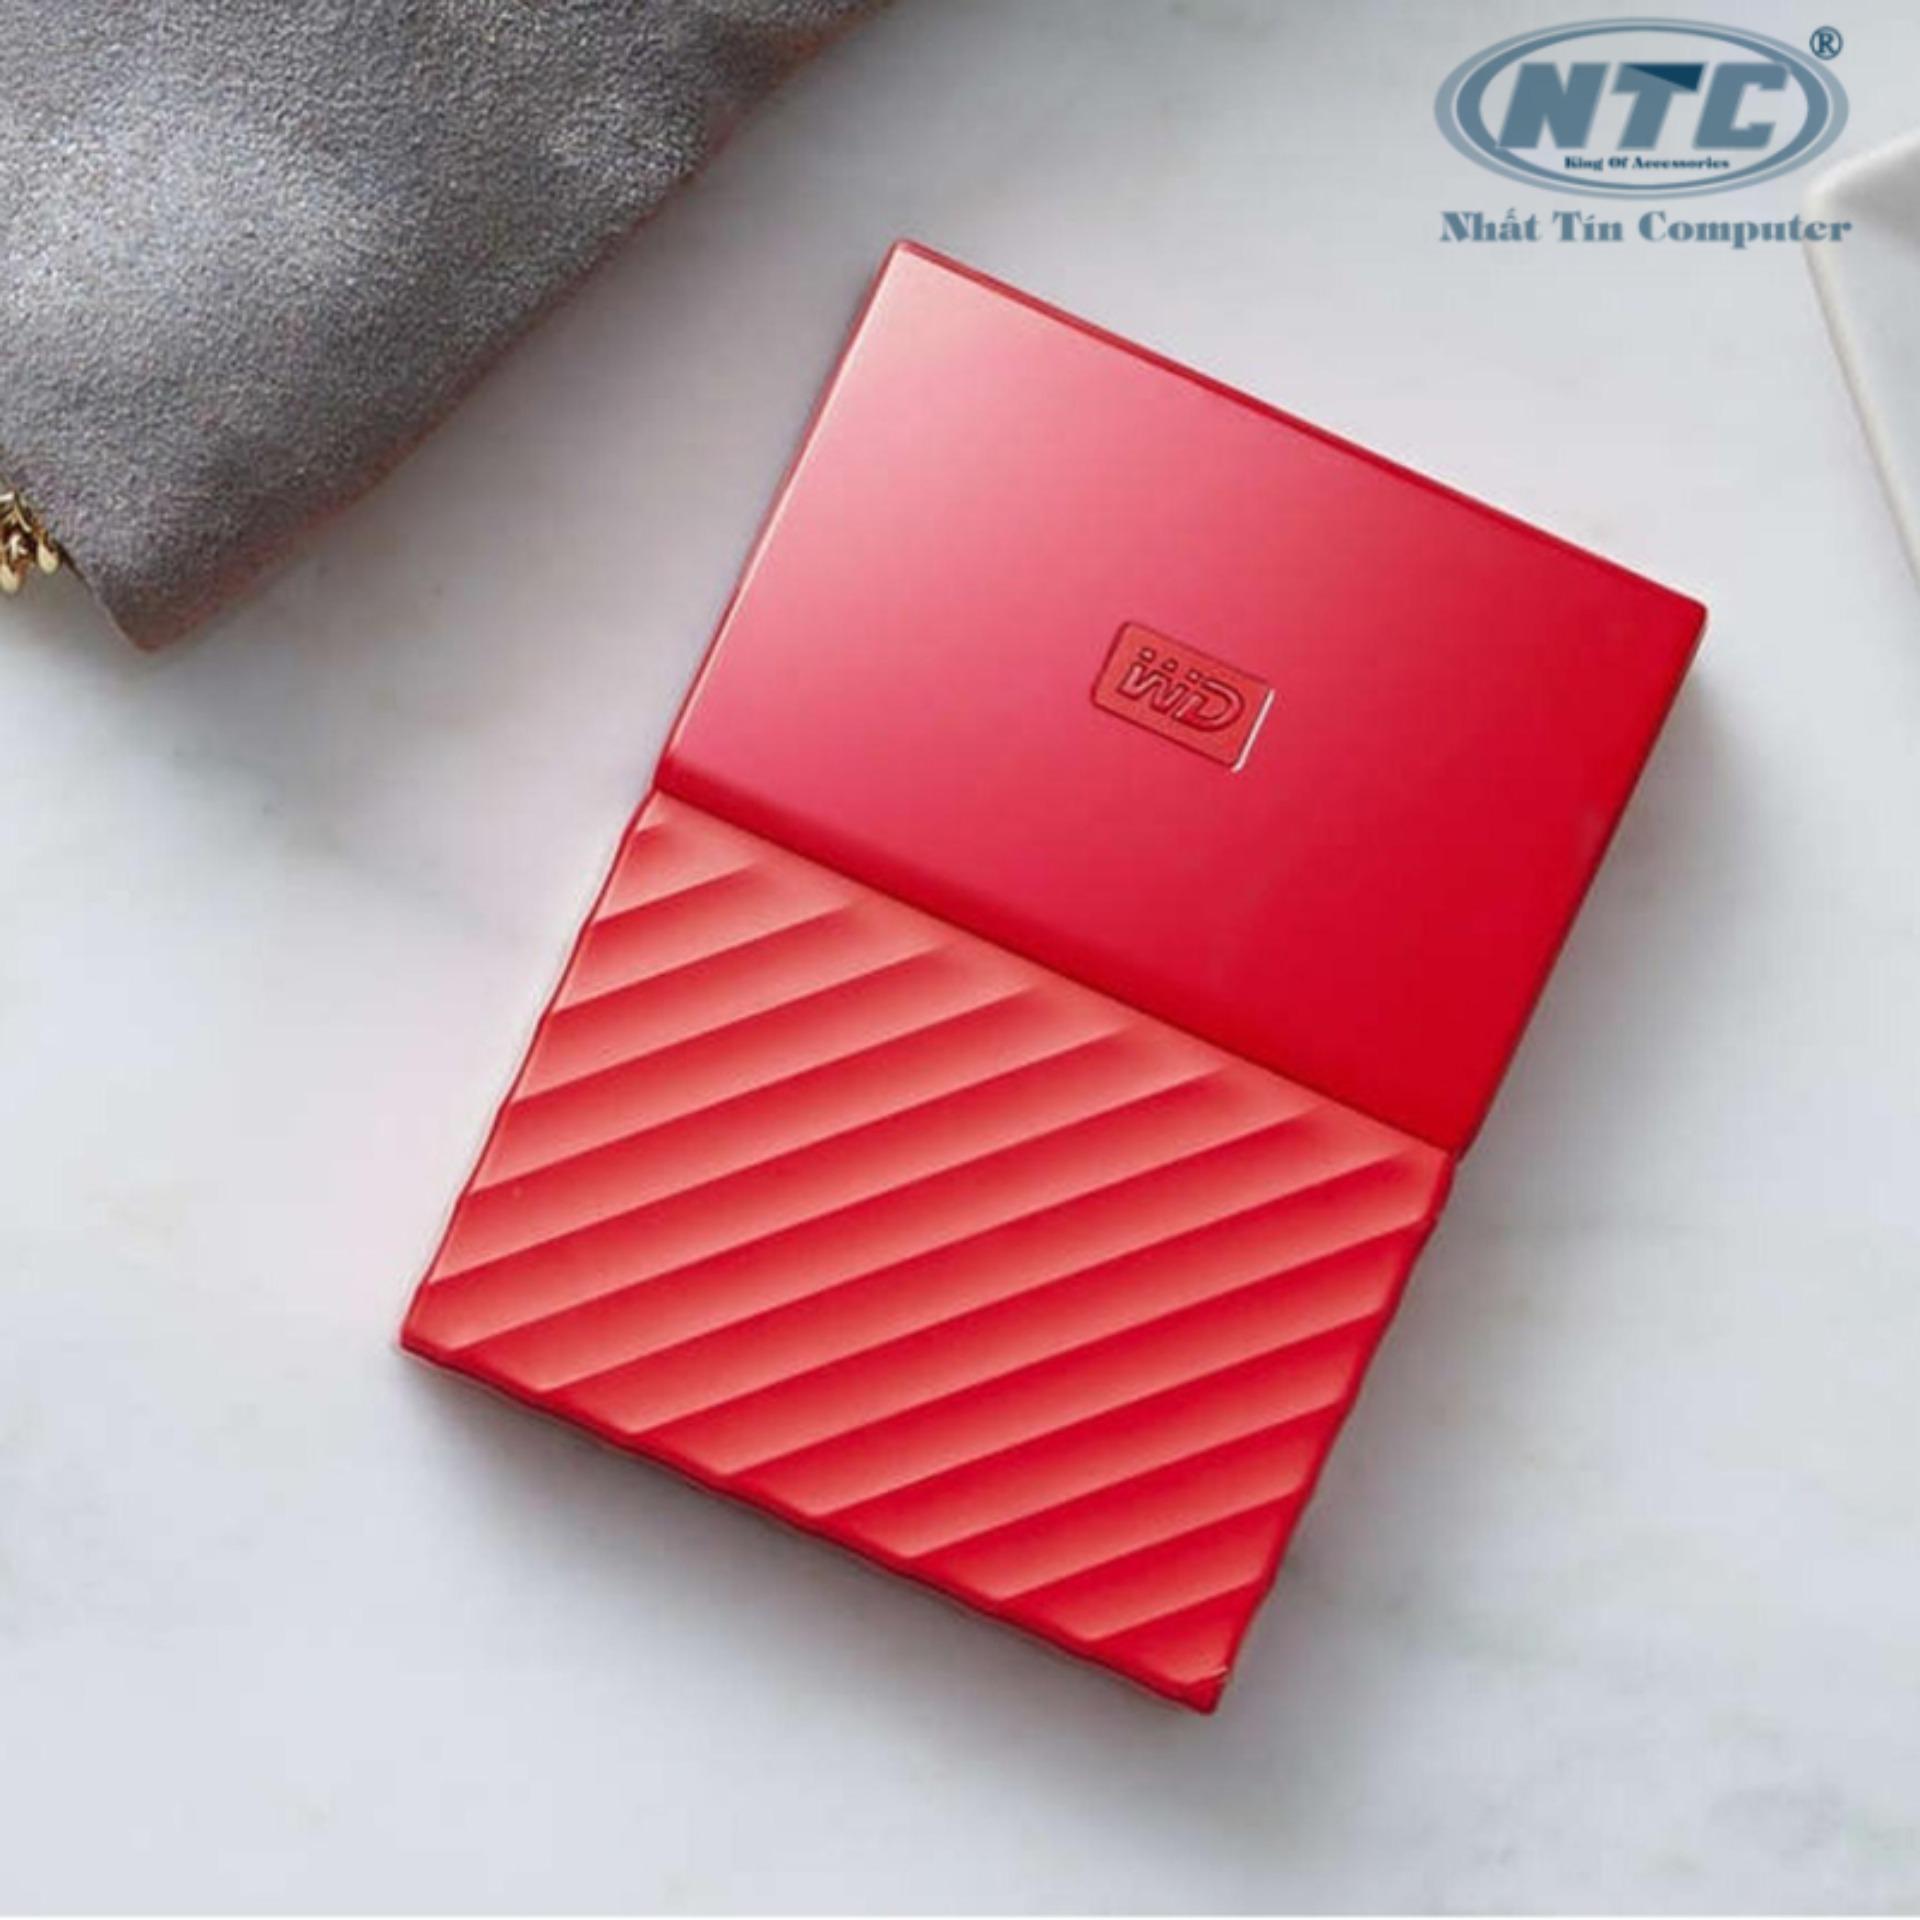 Hình ảnh Ổ cứng di động HDD Western Digital My Passport 2TB - Model 2017 (Đỏ)